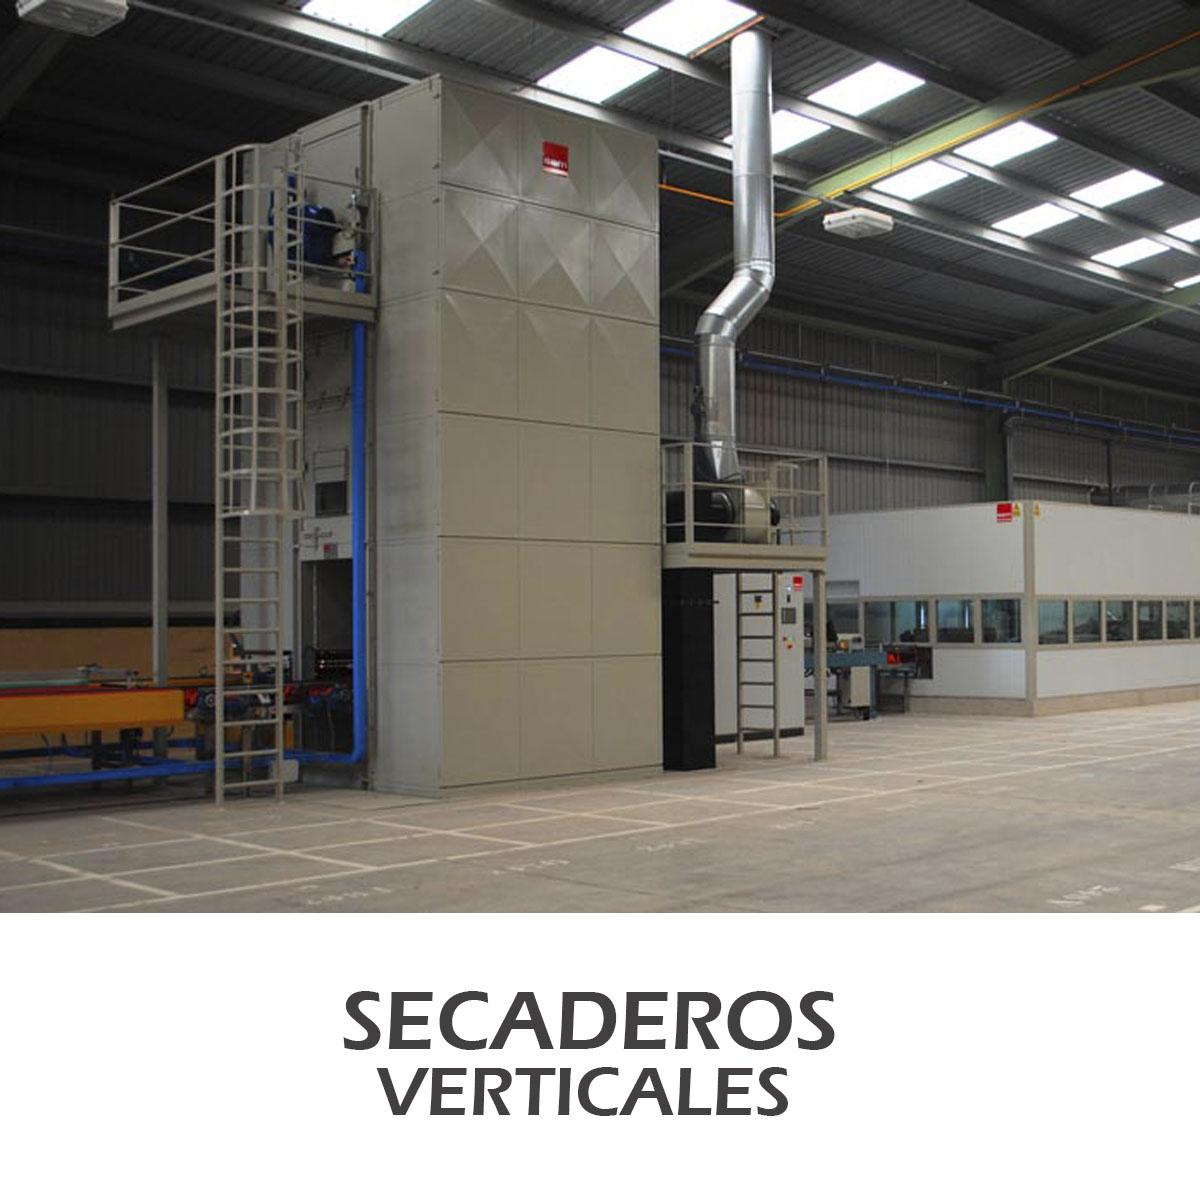 boton-secaderos-verticales-todos-formatos-secadero-cerámica-SEM